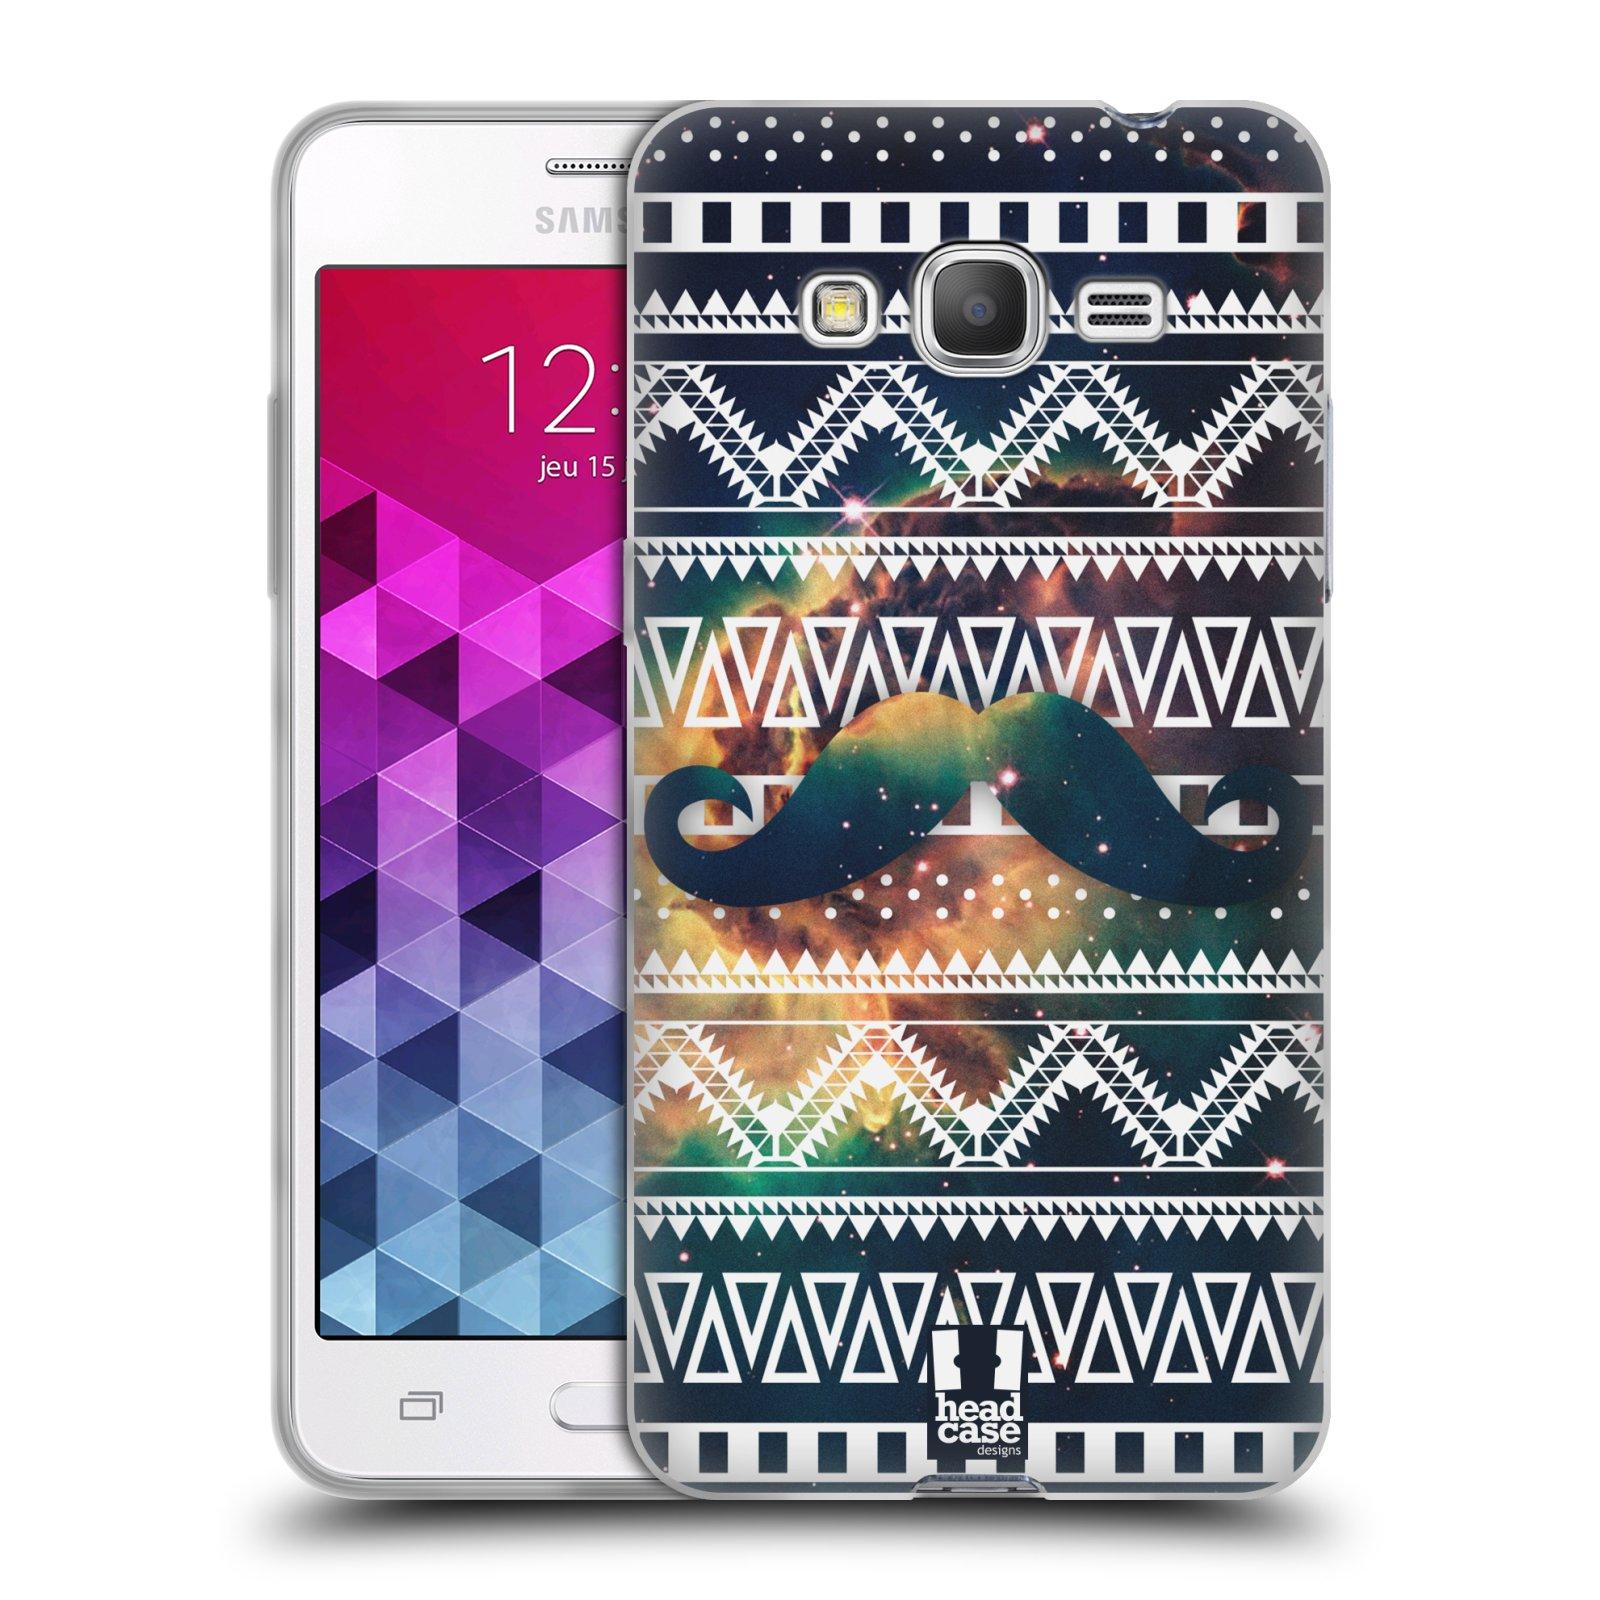 Silikonové pouzdro na mobil Samsung Galaxy Grand Prime HEAD CASE AZTEC KNÍR